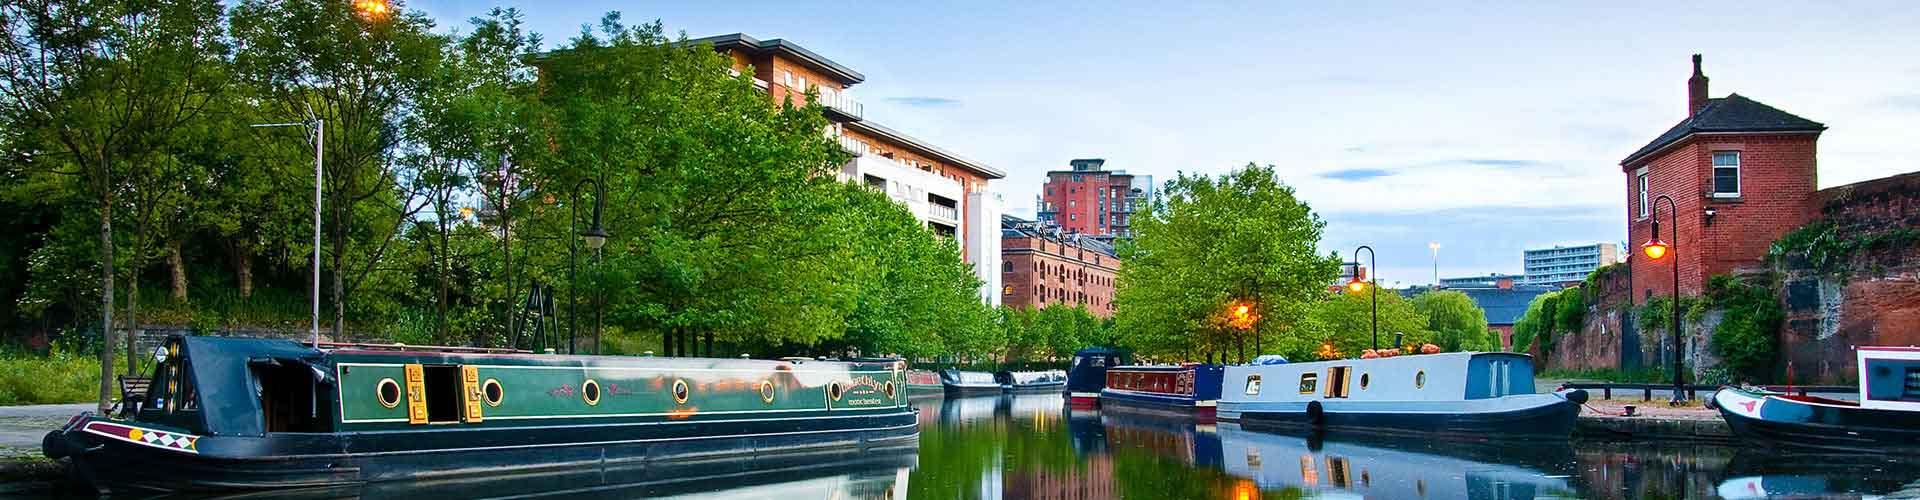 Manchester - Chambres pas chères dans le quartier de Smithfield. Cartes pour Manchester, photos et commentaires pour chaque chambre à Manchester.